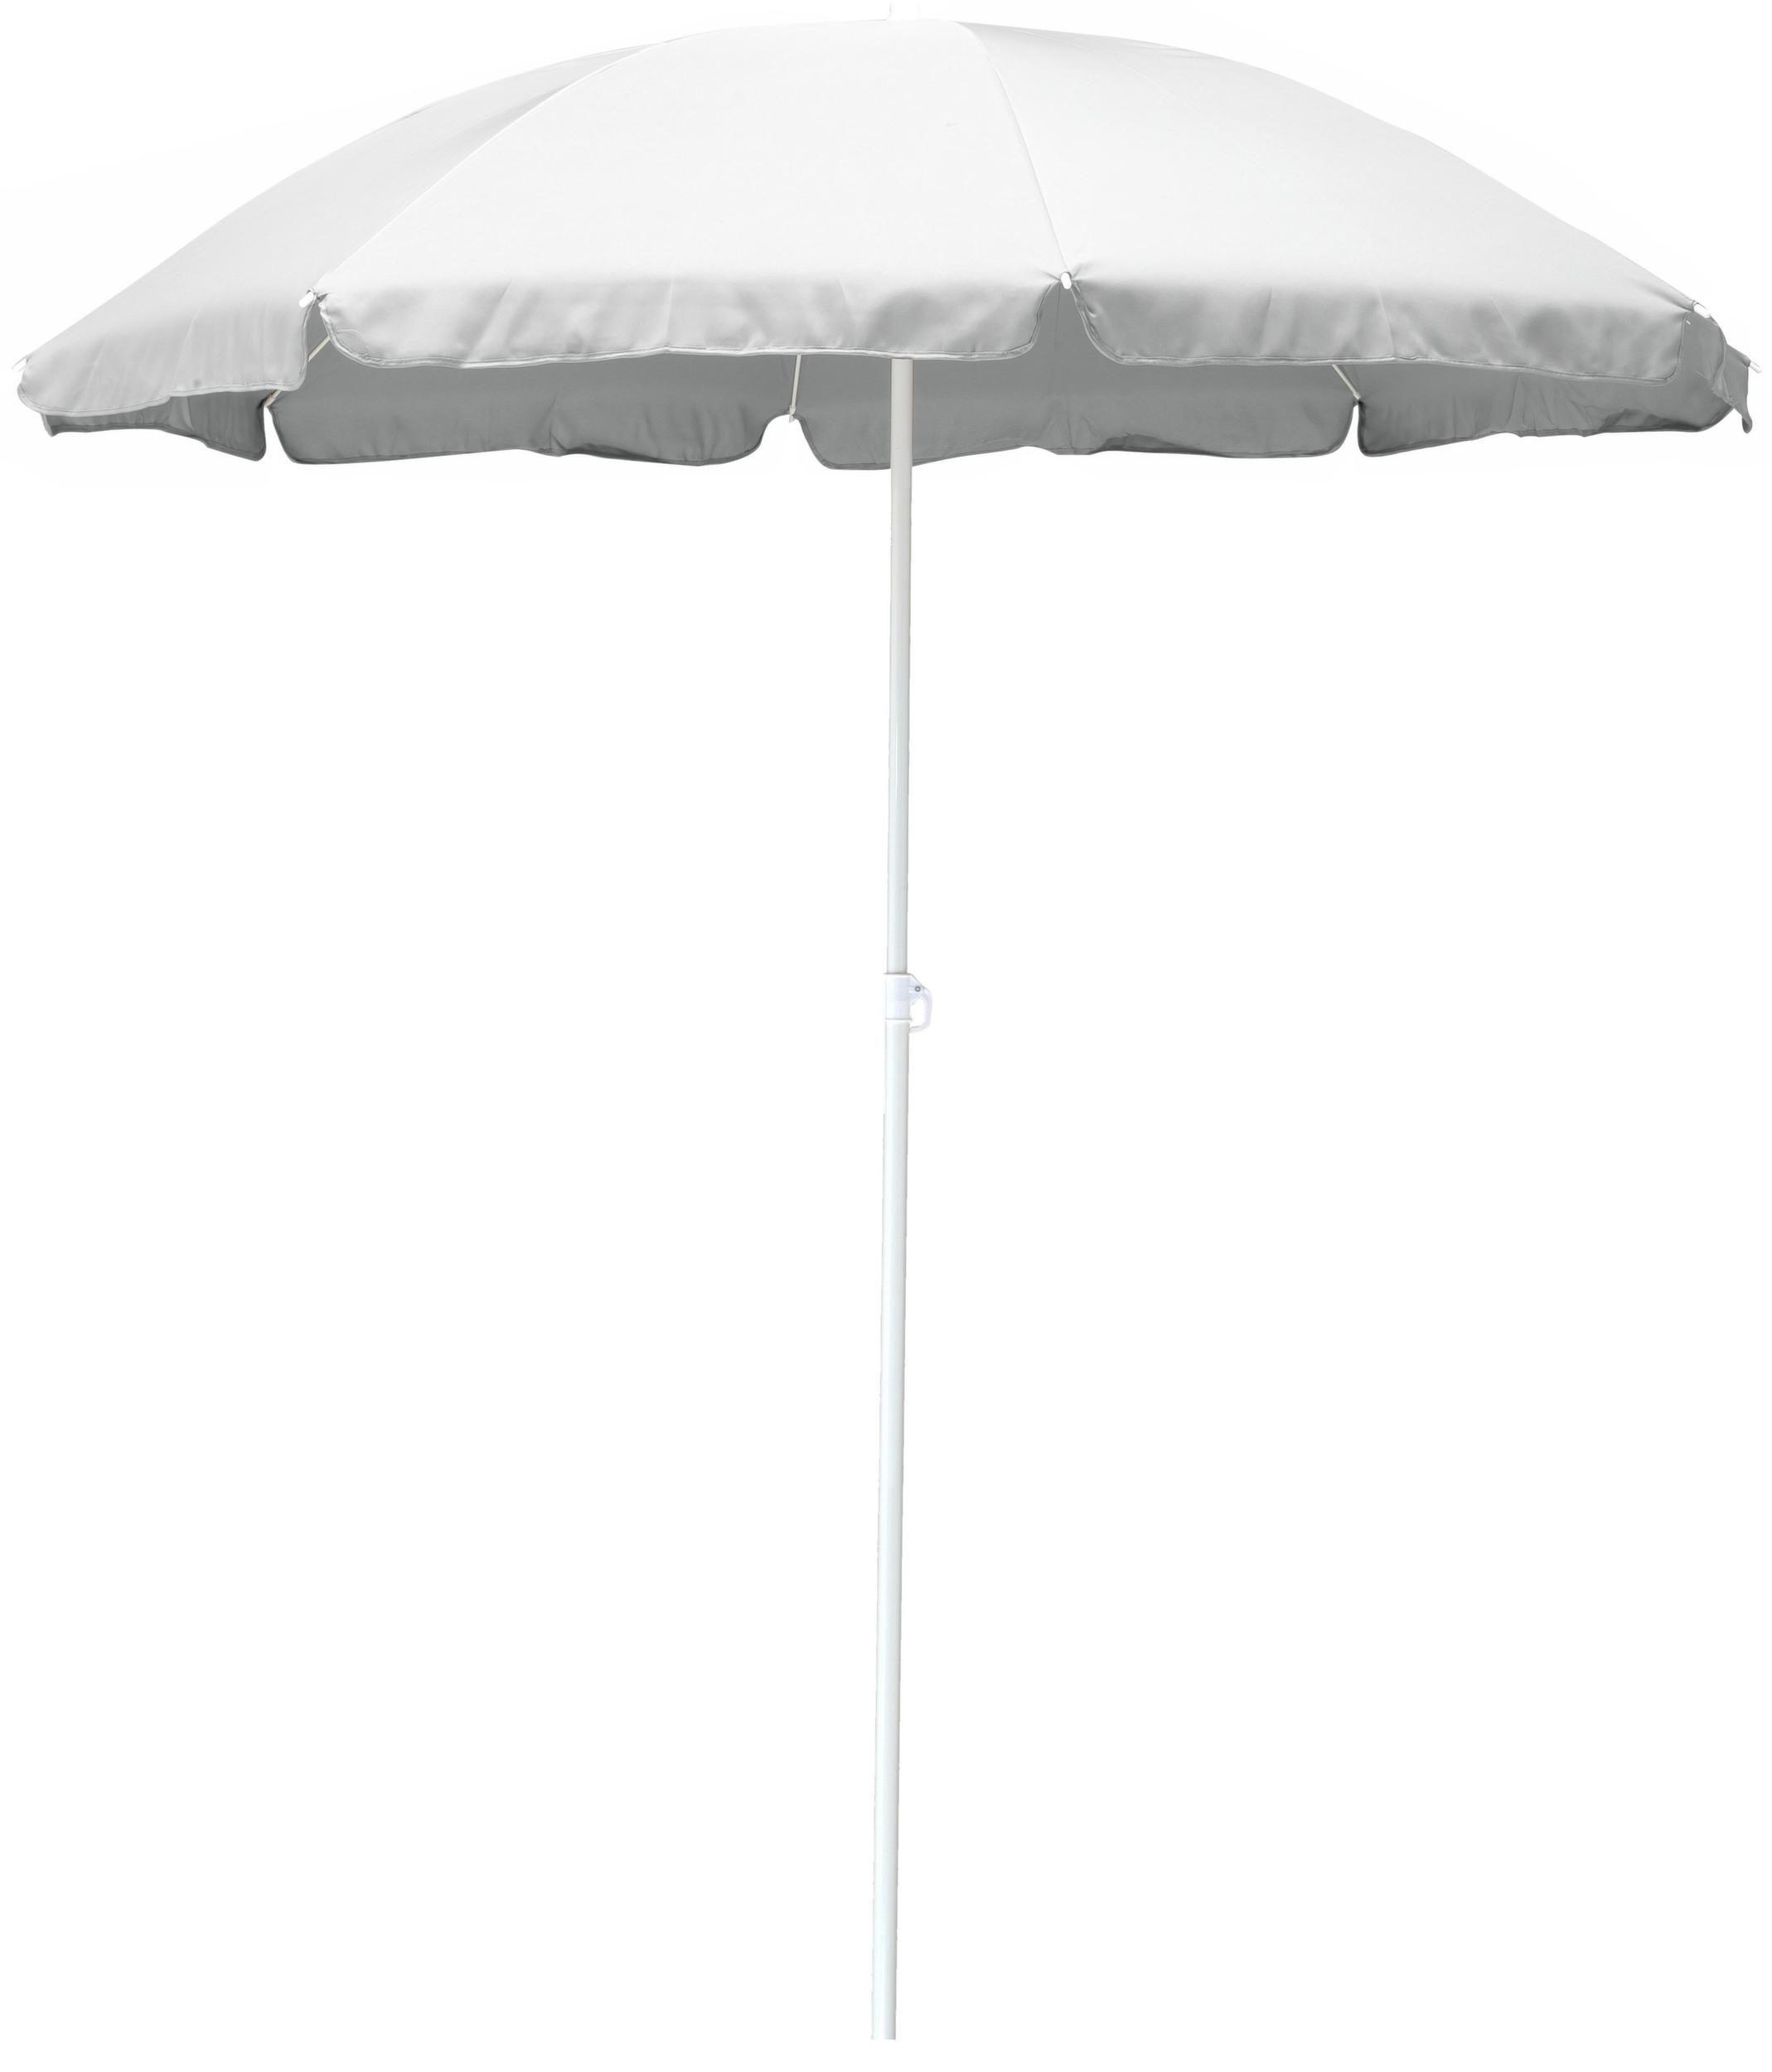 Parasol en aluminium et fibre de verre 180 cm Alizé